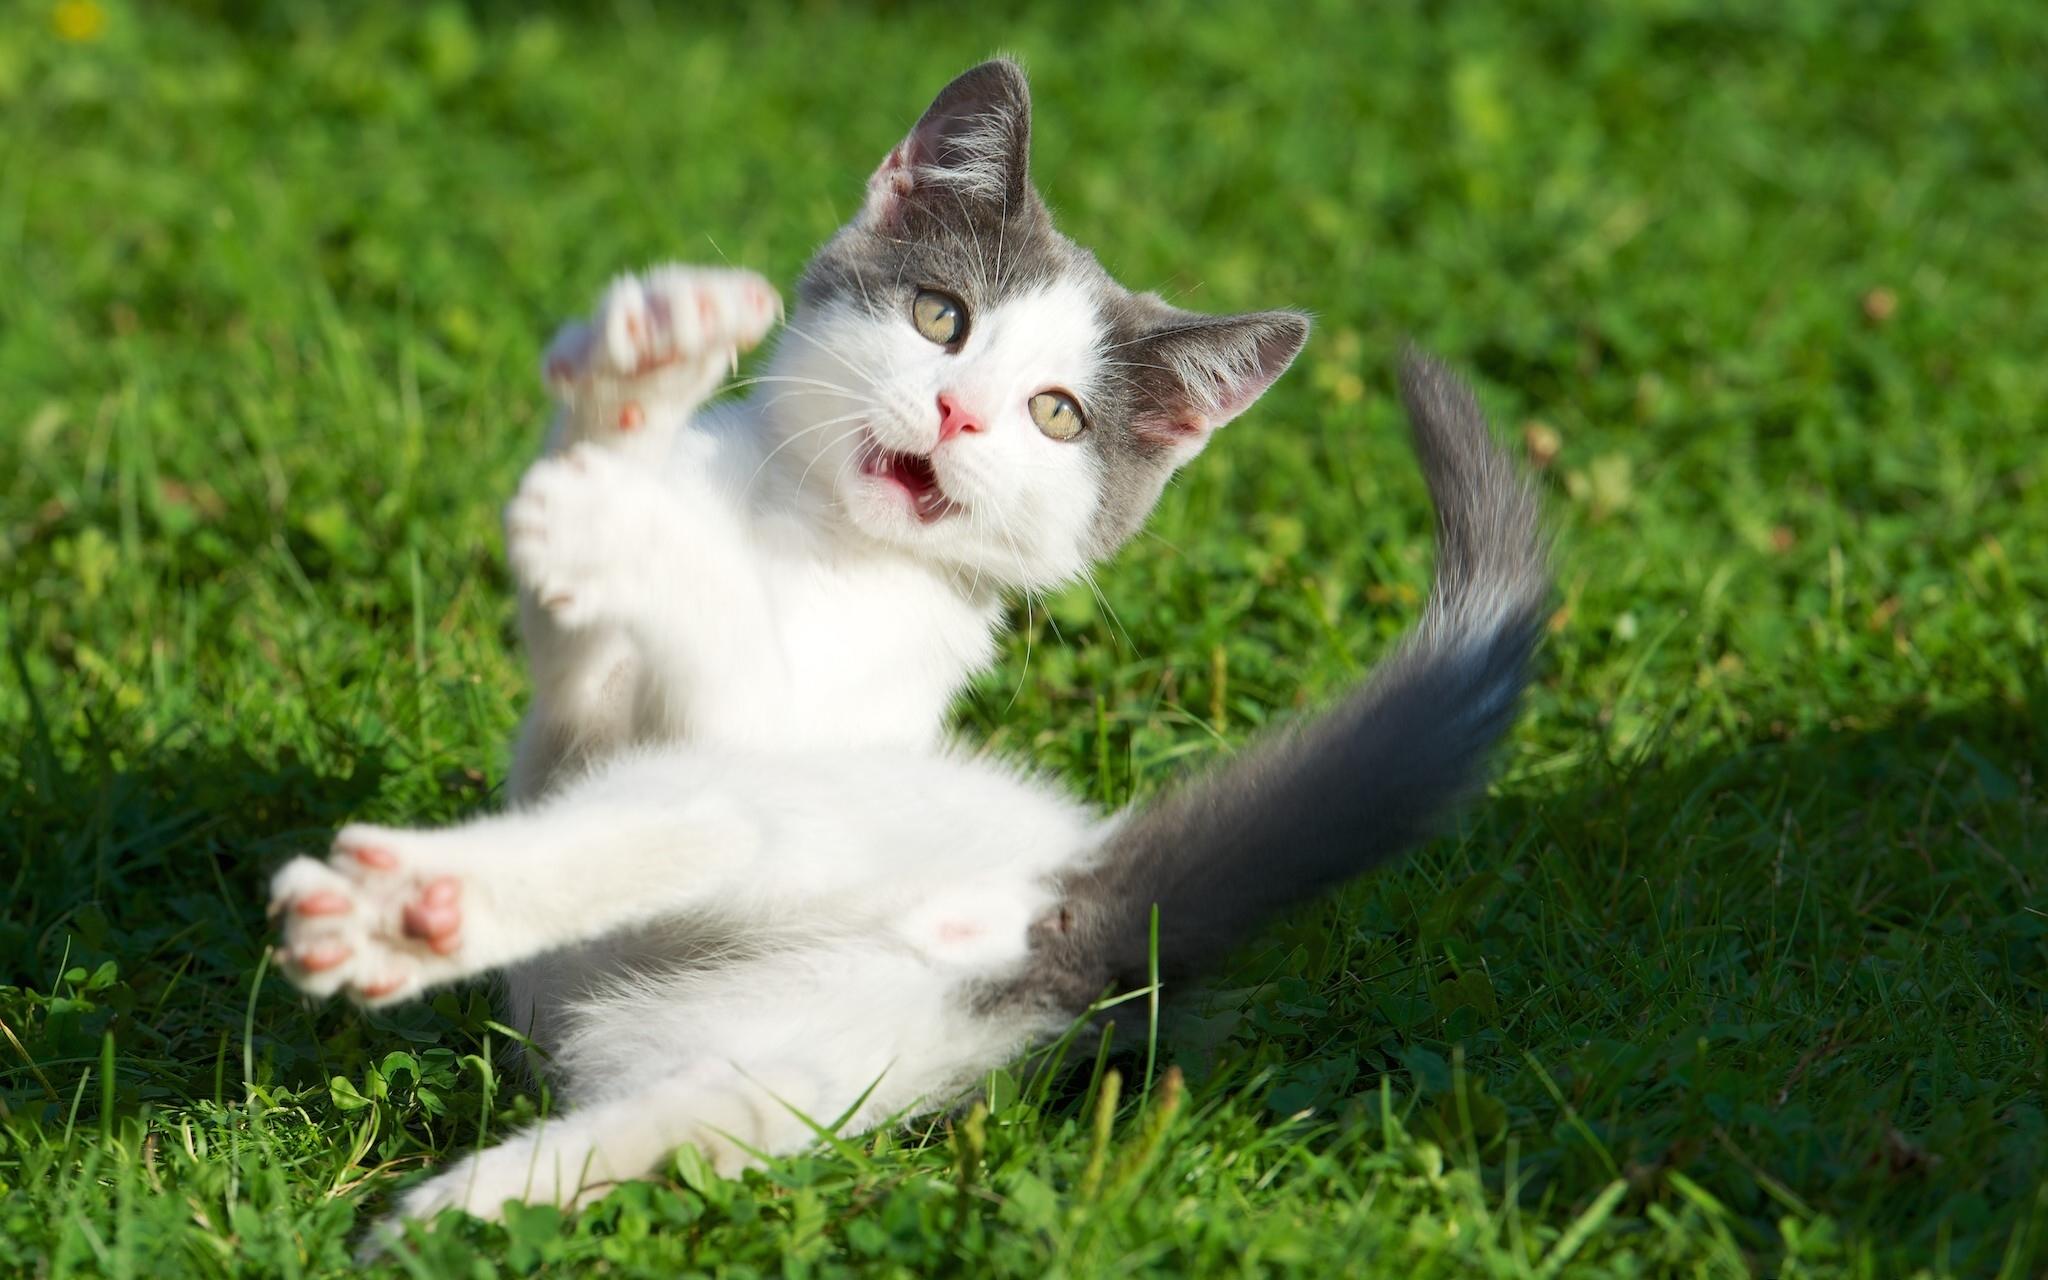 Котенок на траве  № 2959607 бесплатно